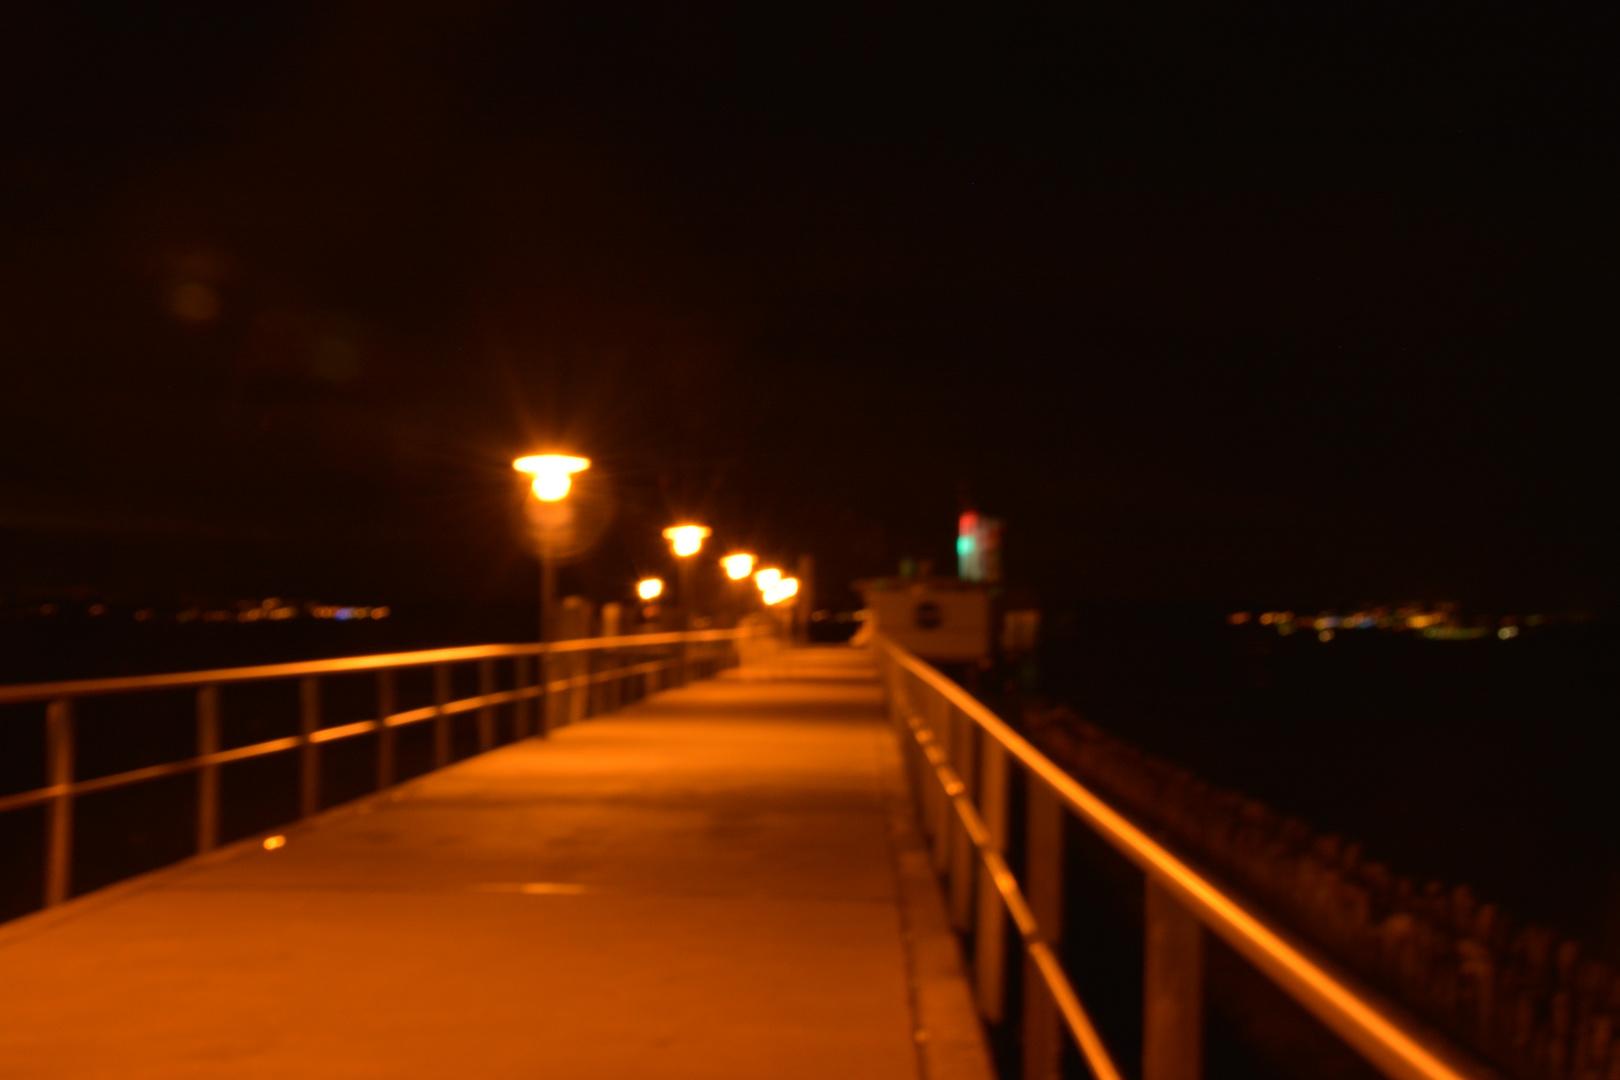 Schiffsanlegestelle bei Nacht